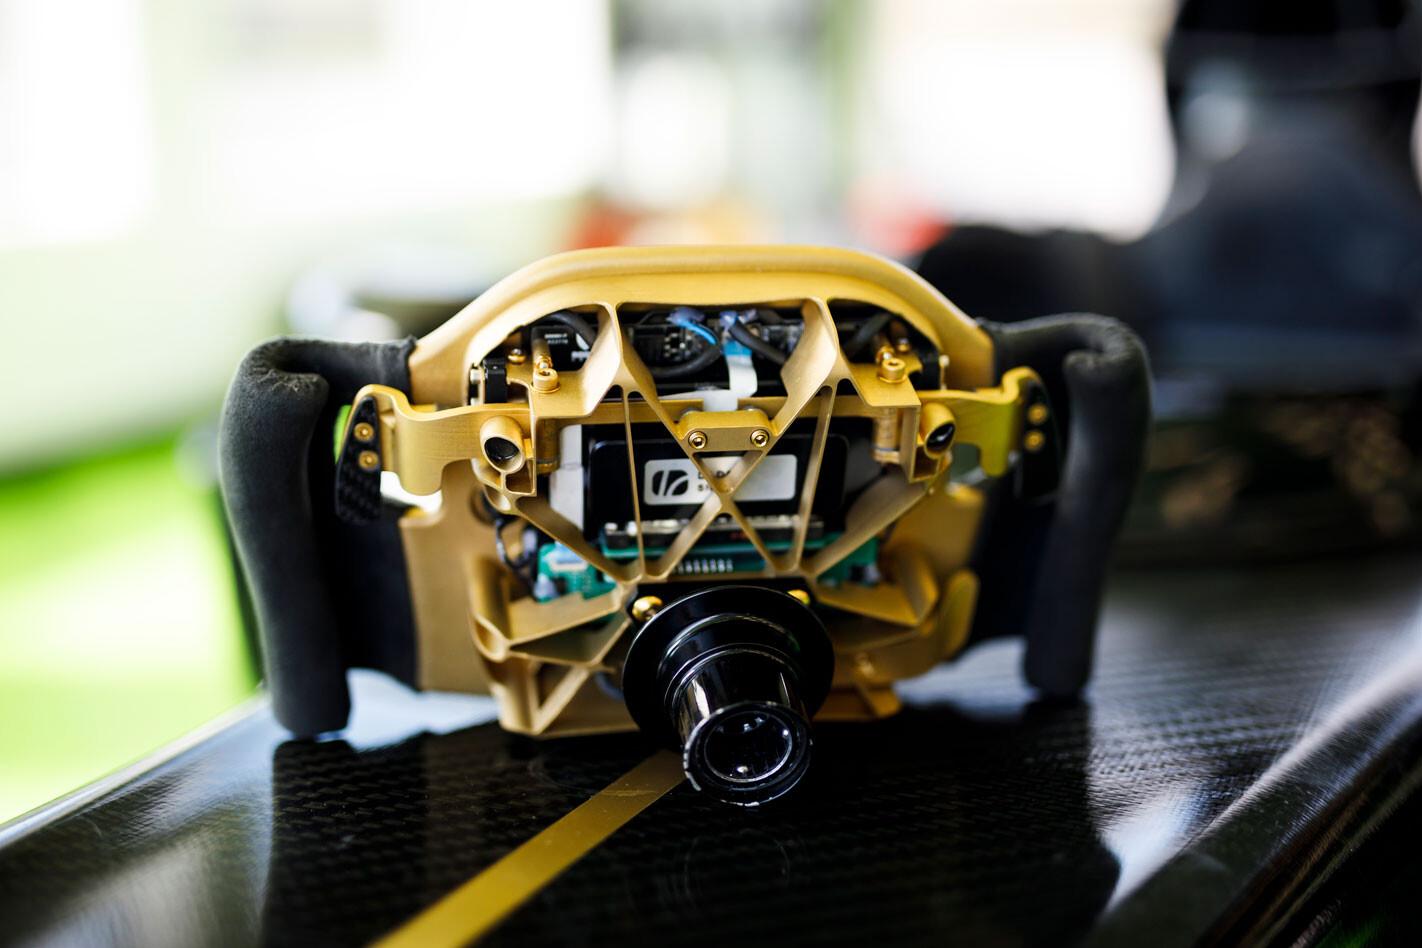 Rodin F1 steering wheel